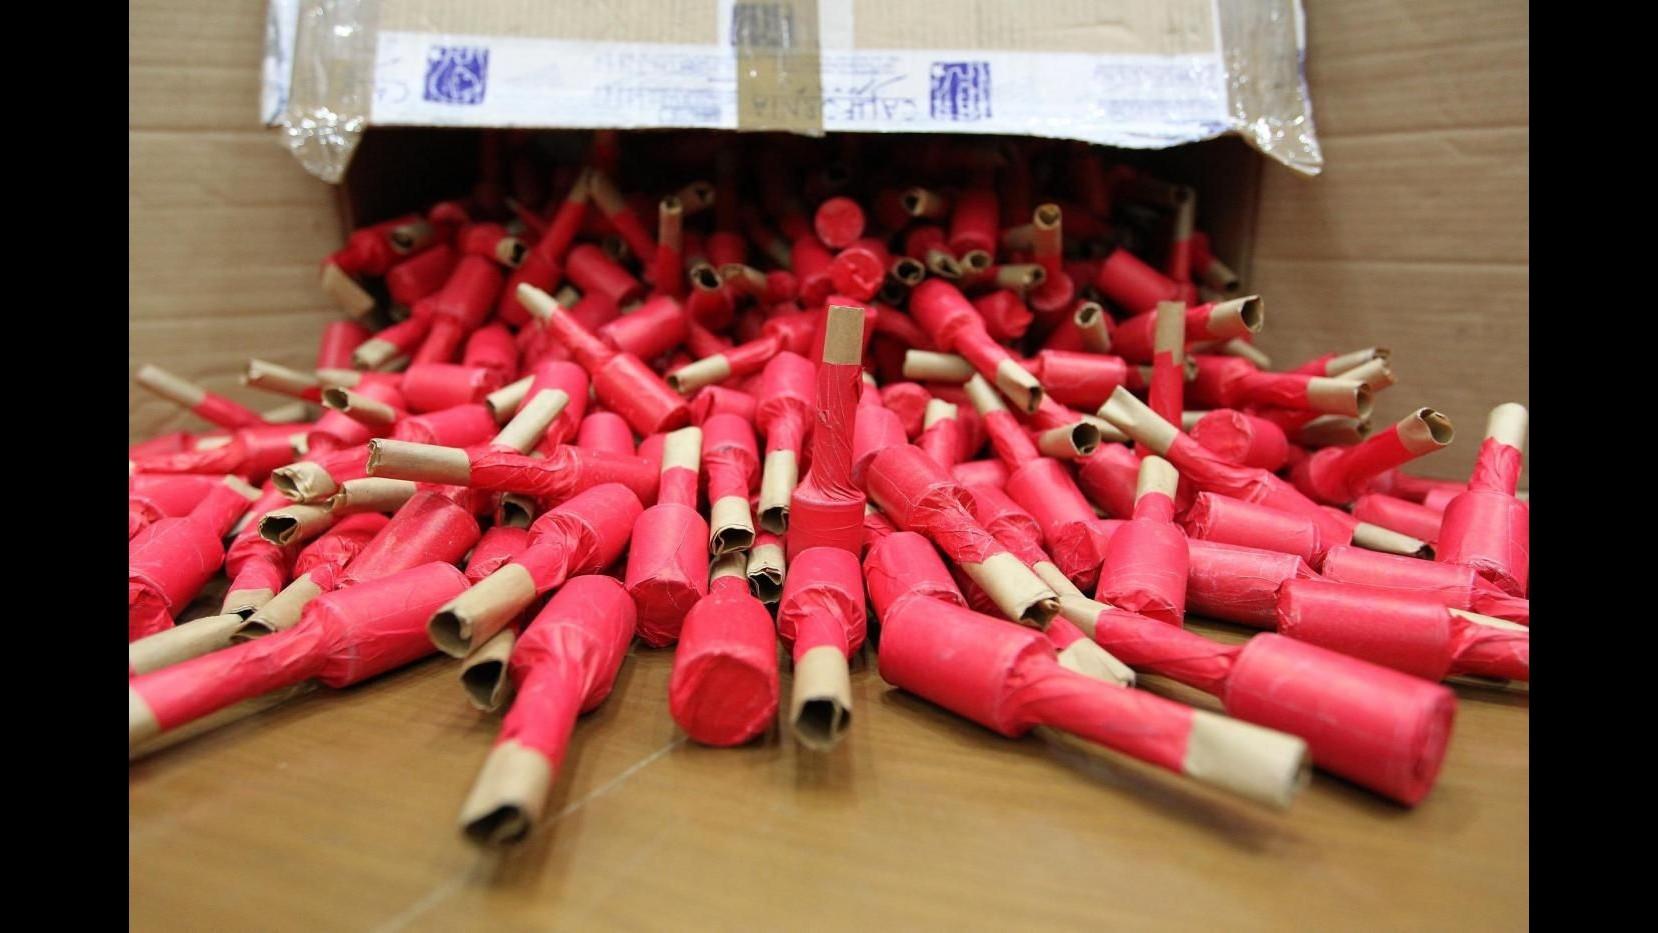 Capodanno, sequestrate tonnellate di botti a Caserta: c'era anche la 'bomba di Parigi'